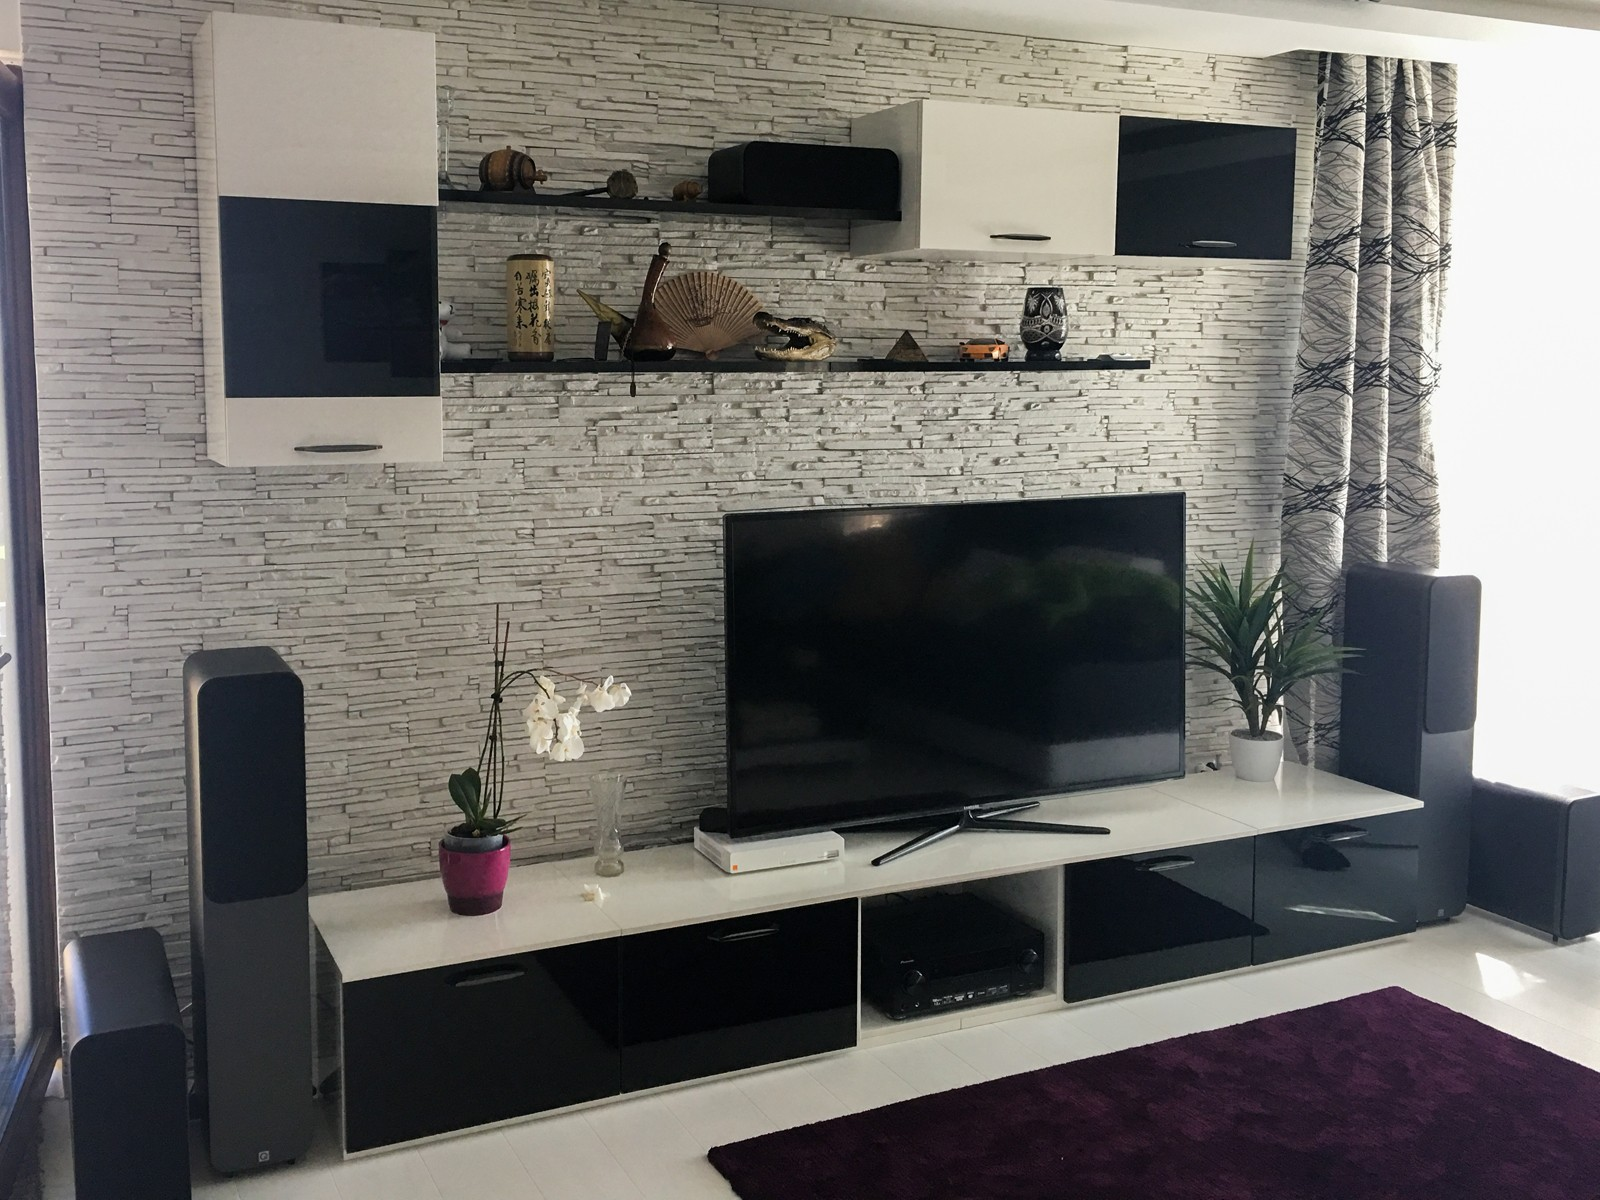 Referință - Mobilier modern pentru living Nobilia Focus - Alb și negru